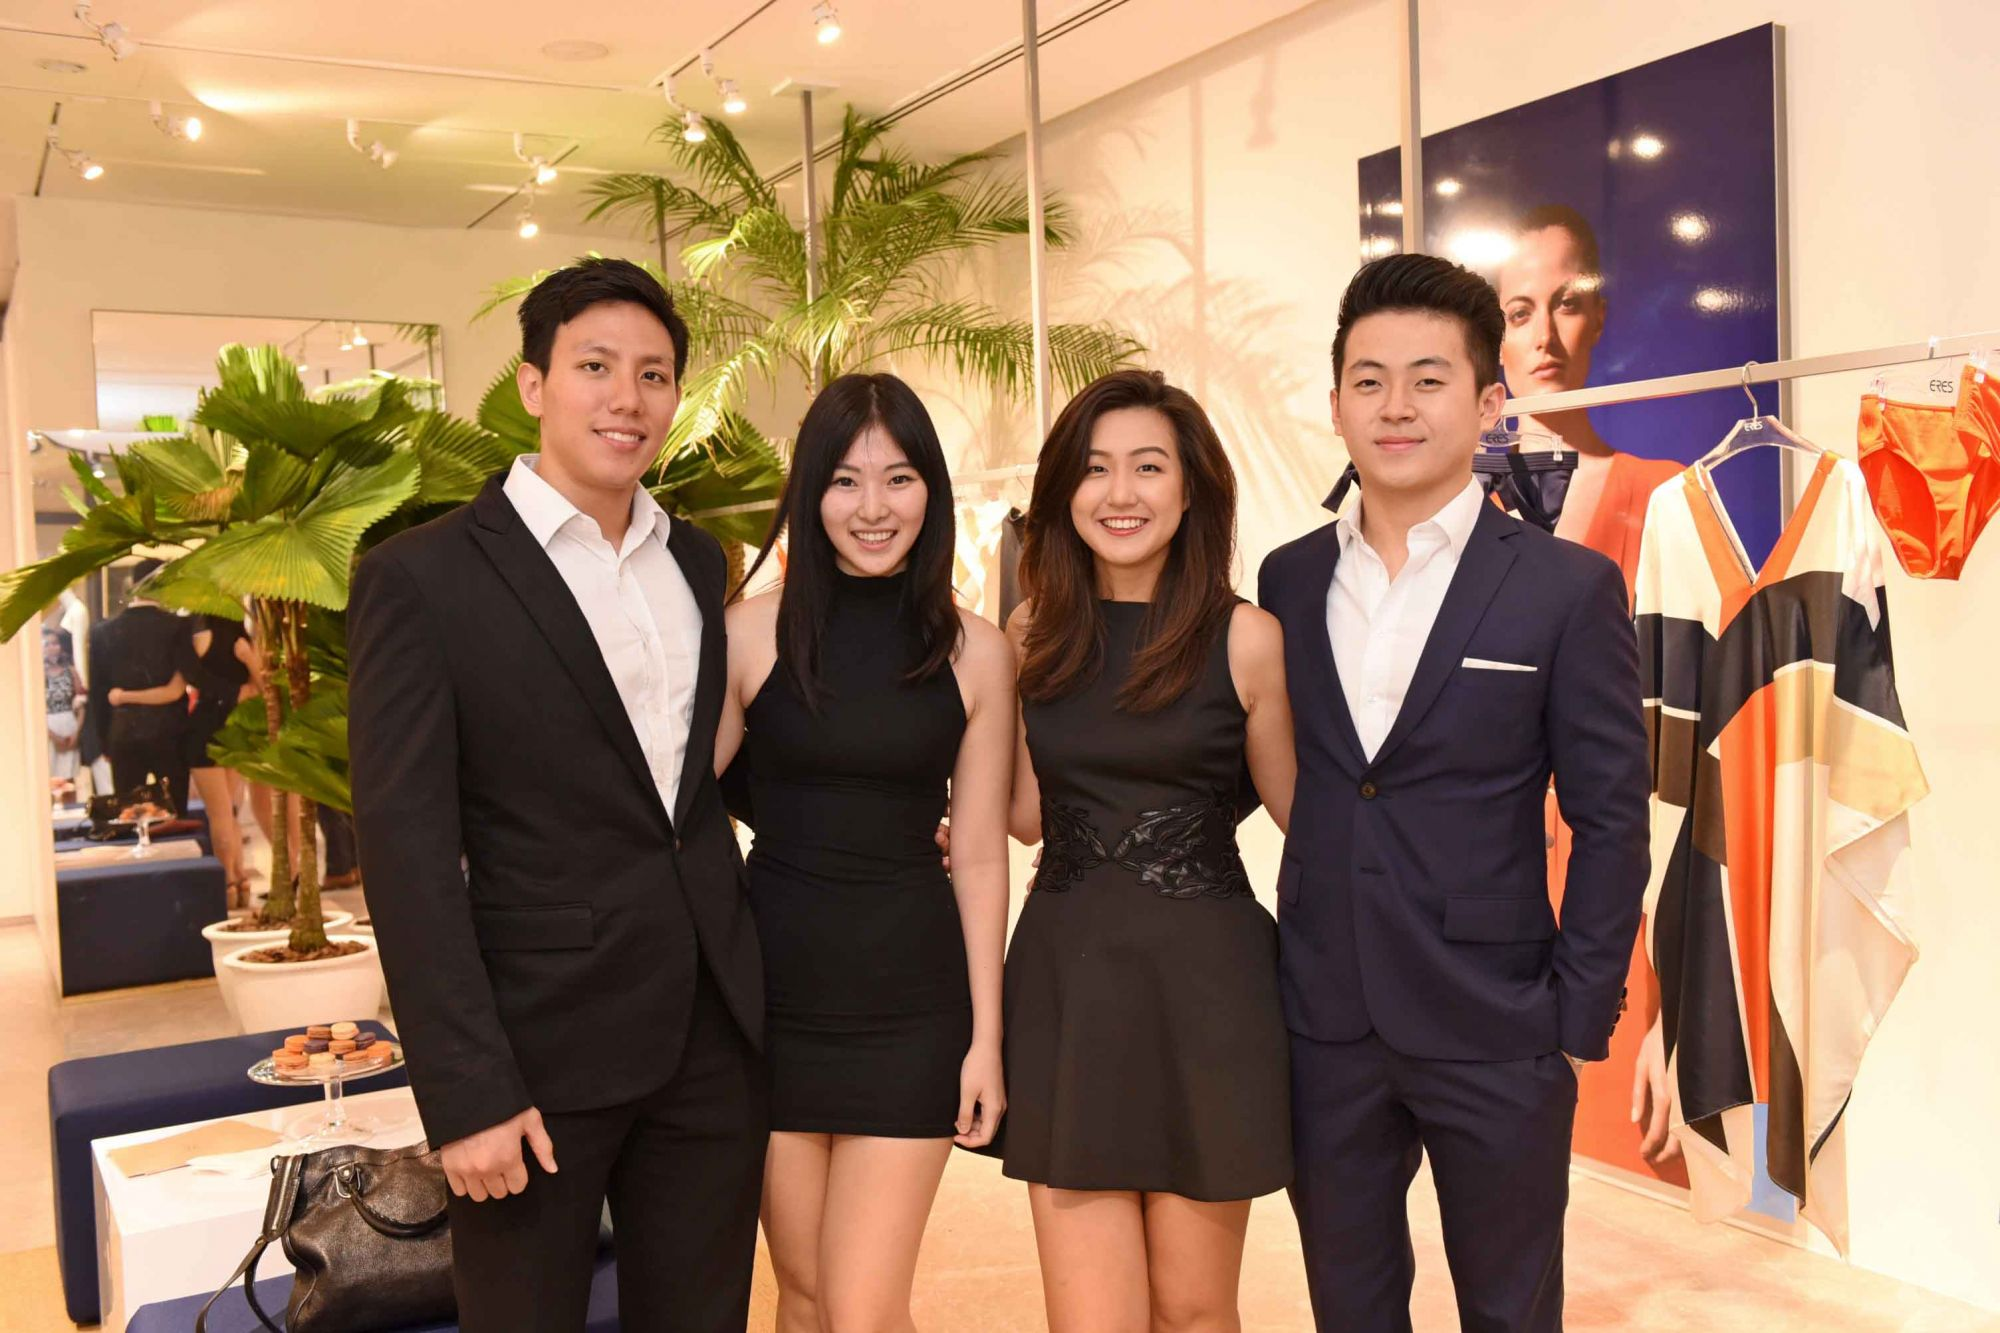 Reuben Teng, Nicole Lim, Charmain Kwee, Shaun Ou